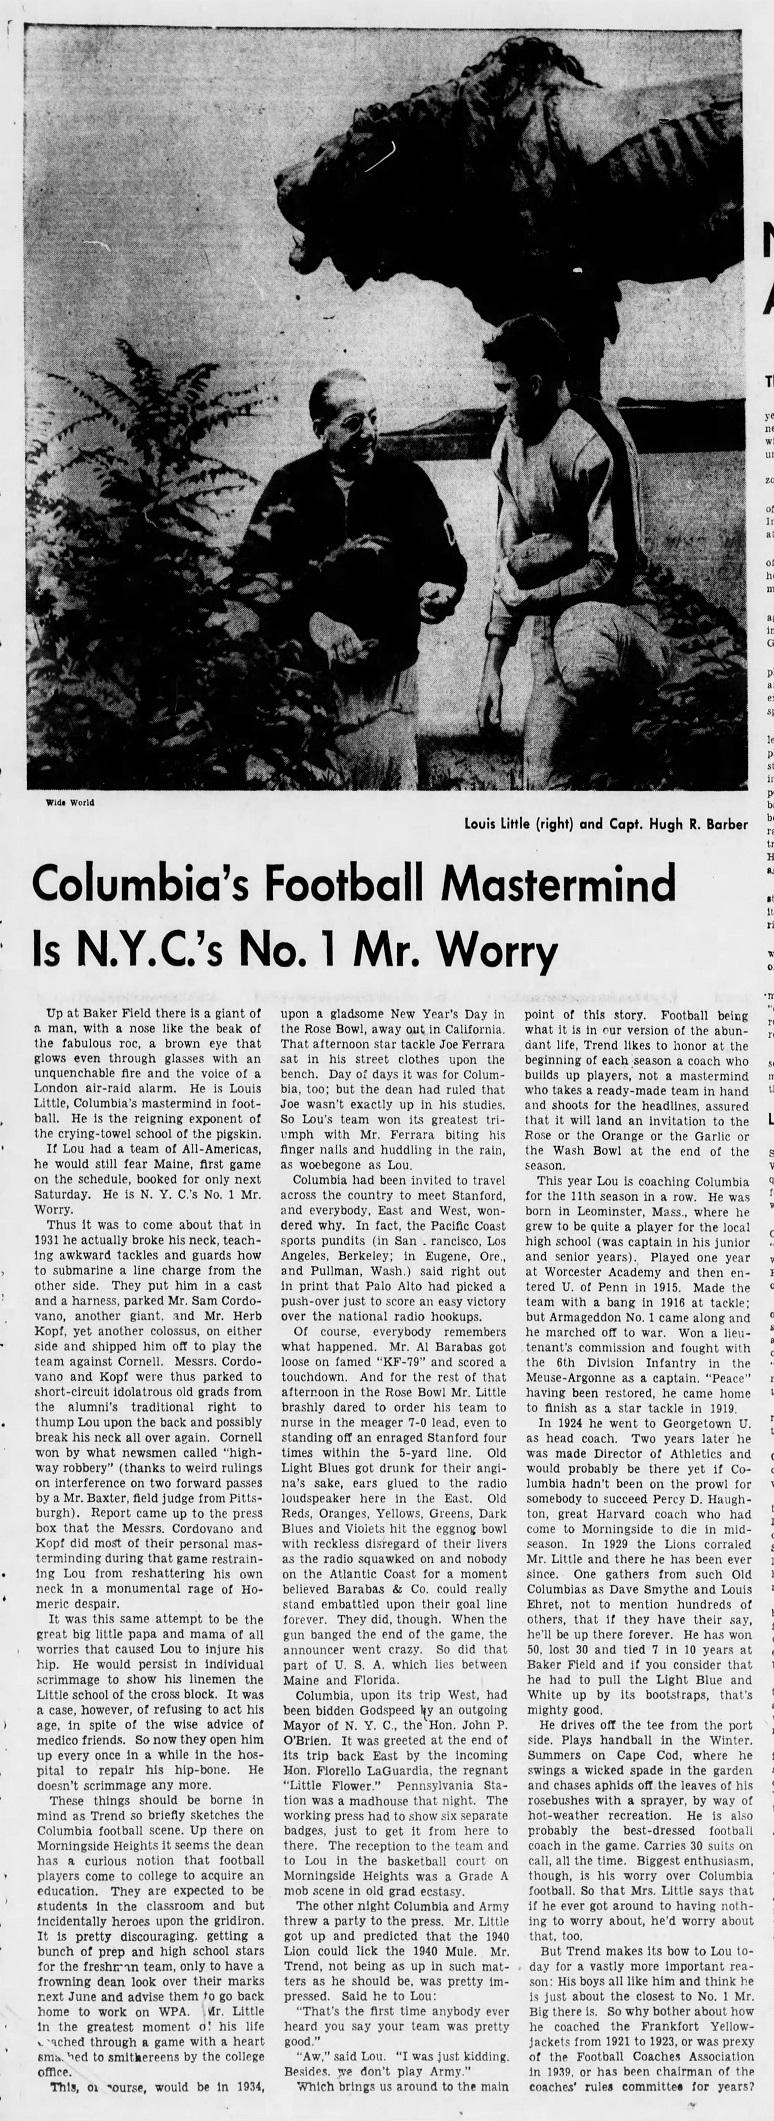 The_Brooklyn_Daily_Eagle_Sun__Sep_29__1940_(4).jpg